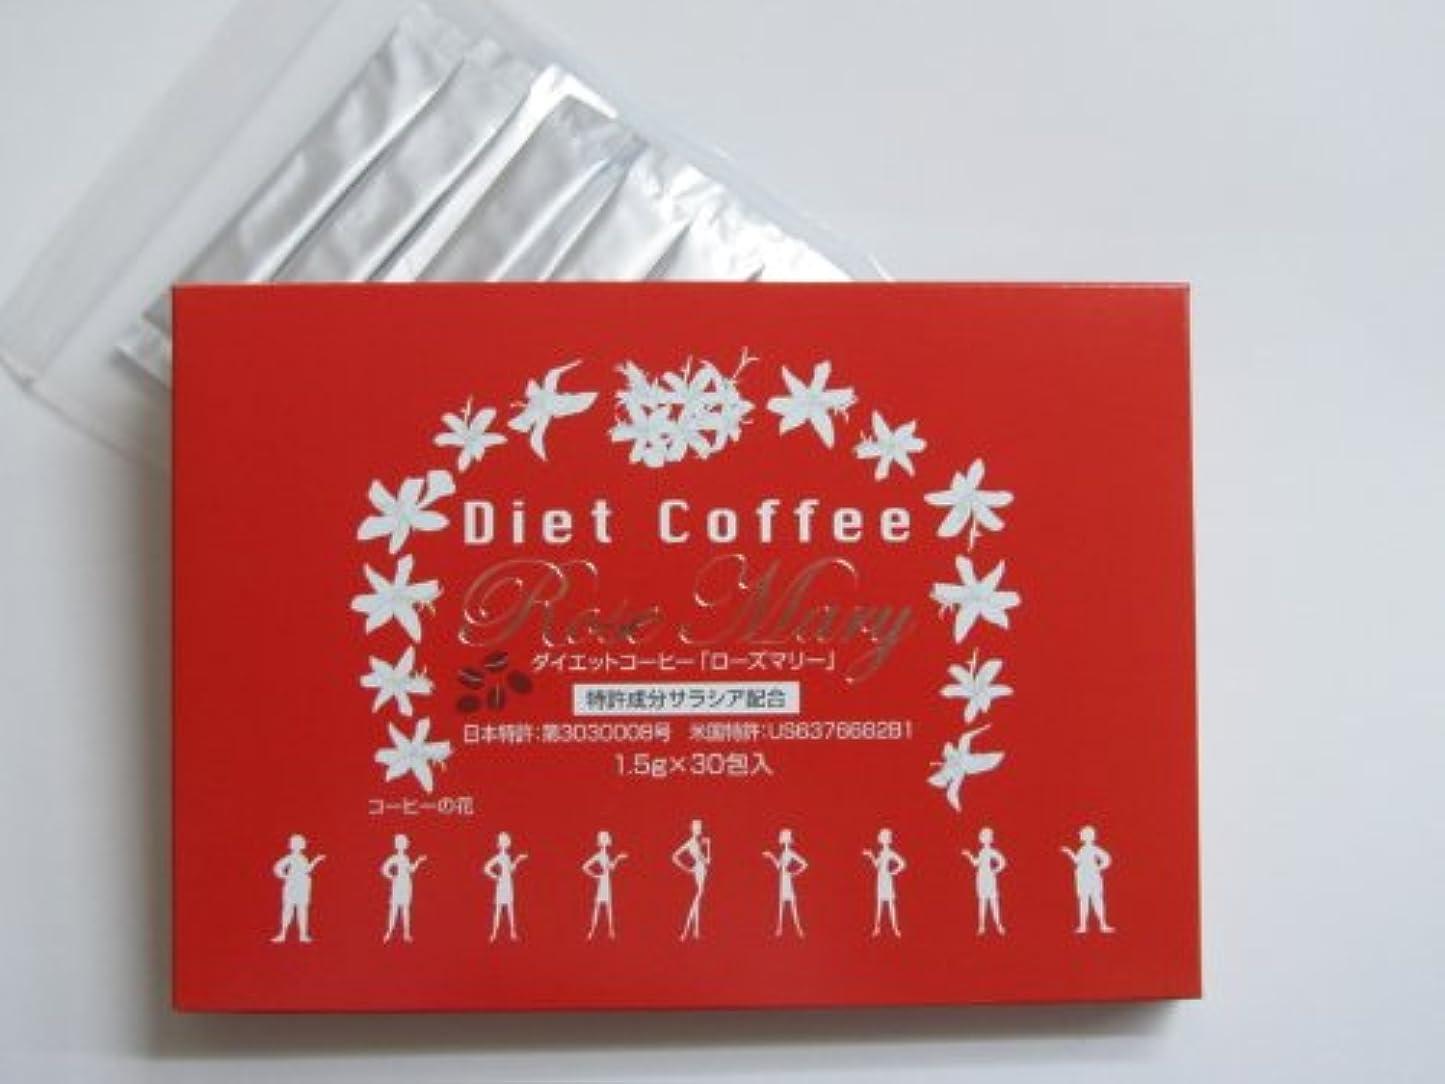 スナッチふくろう捧げるダイエットコーヒー ローズマリー (特許成分サラシノール配合) 30包